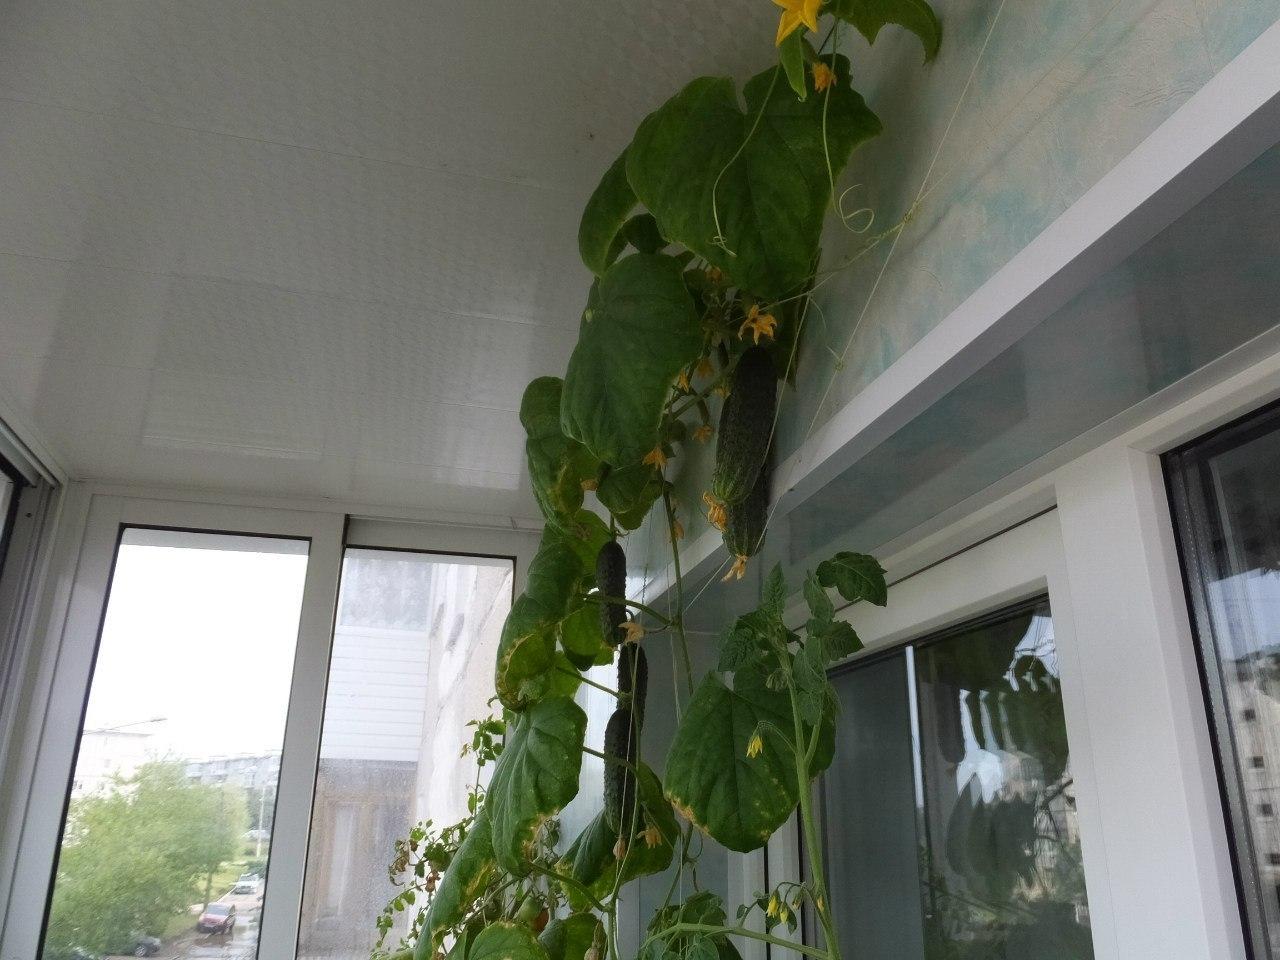 Правила выращивания огурцов в домашних условиях на подоконни.